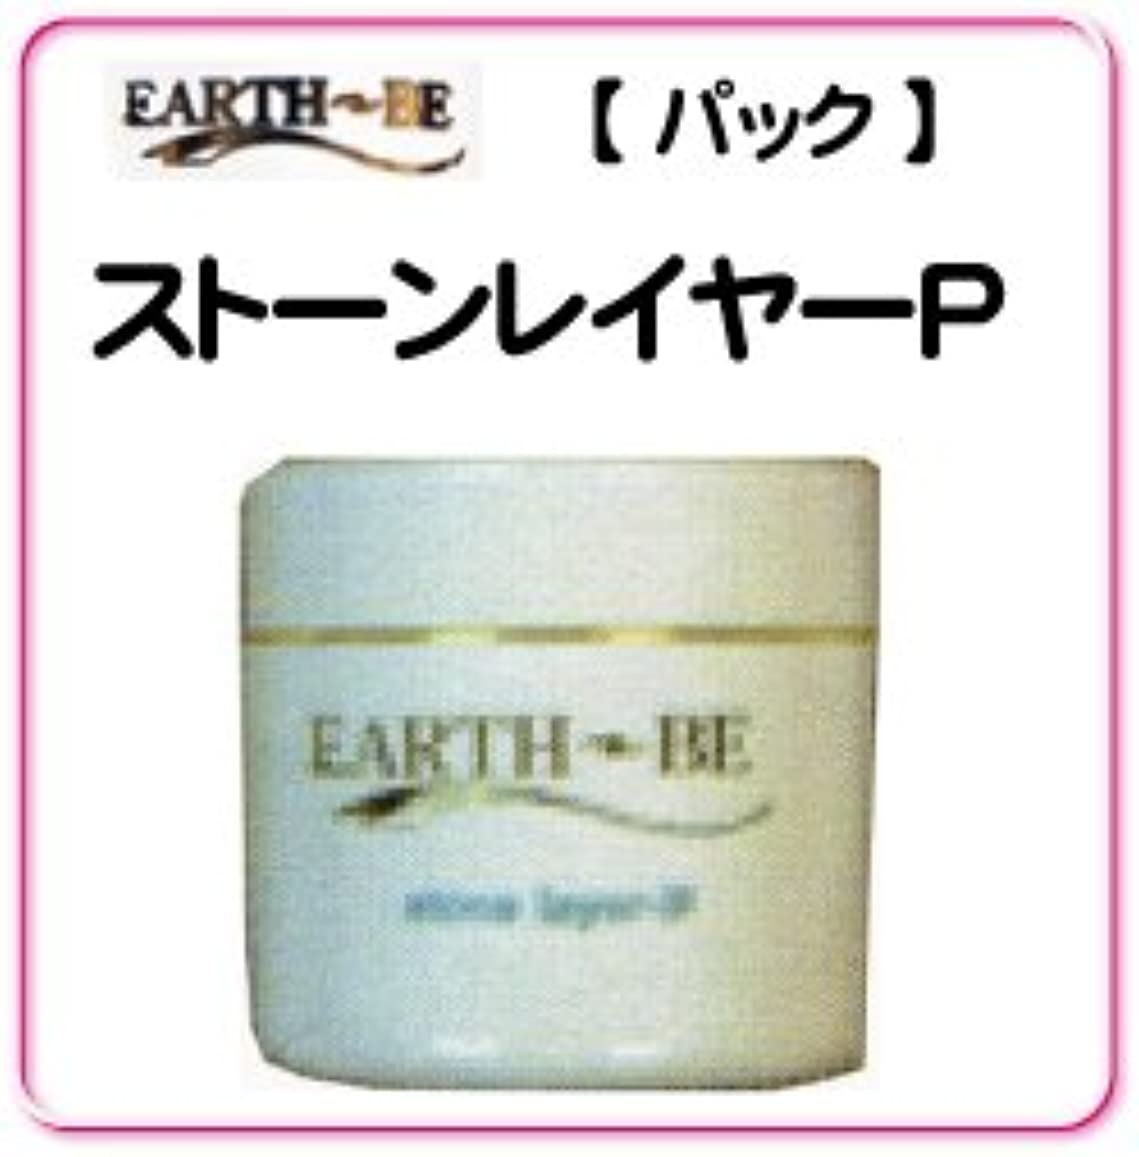 ベルマン化粧品 EARTH-Bシリーズ  アースビ ストーンレイヤー P  パック 100g